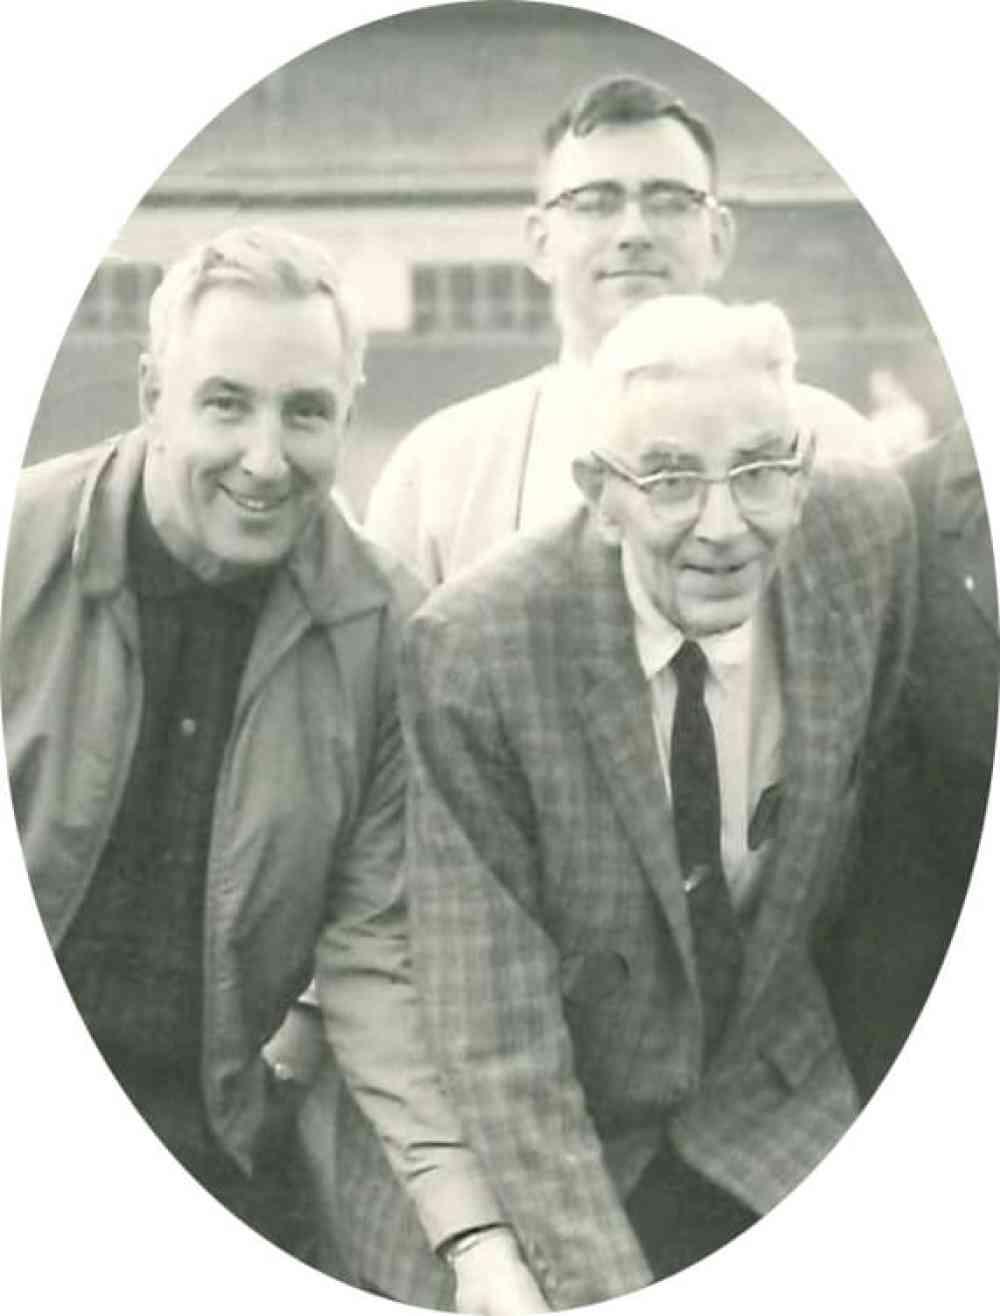 Craig, Ward, and Mike McLanahan